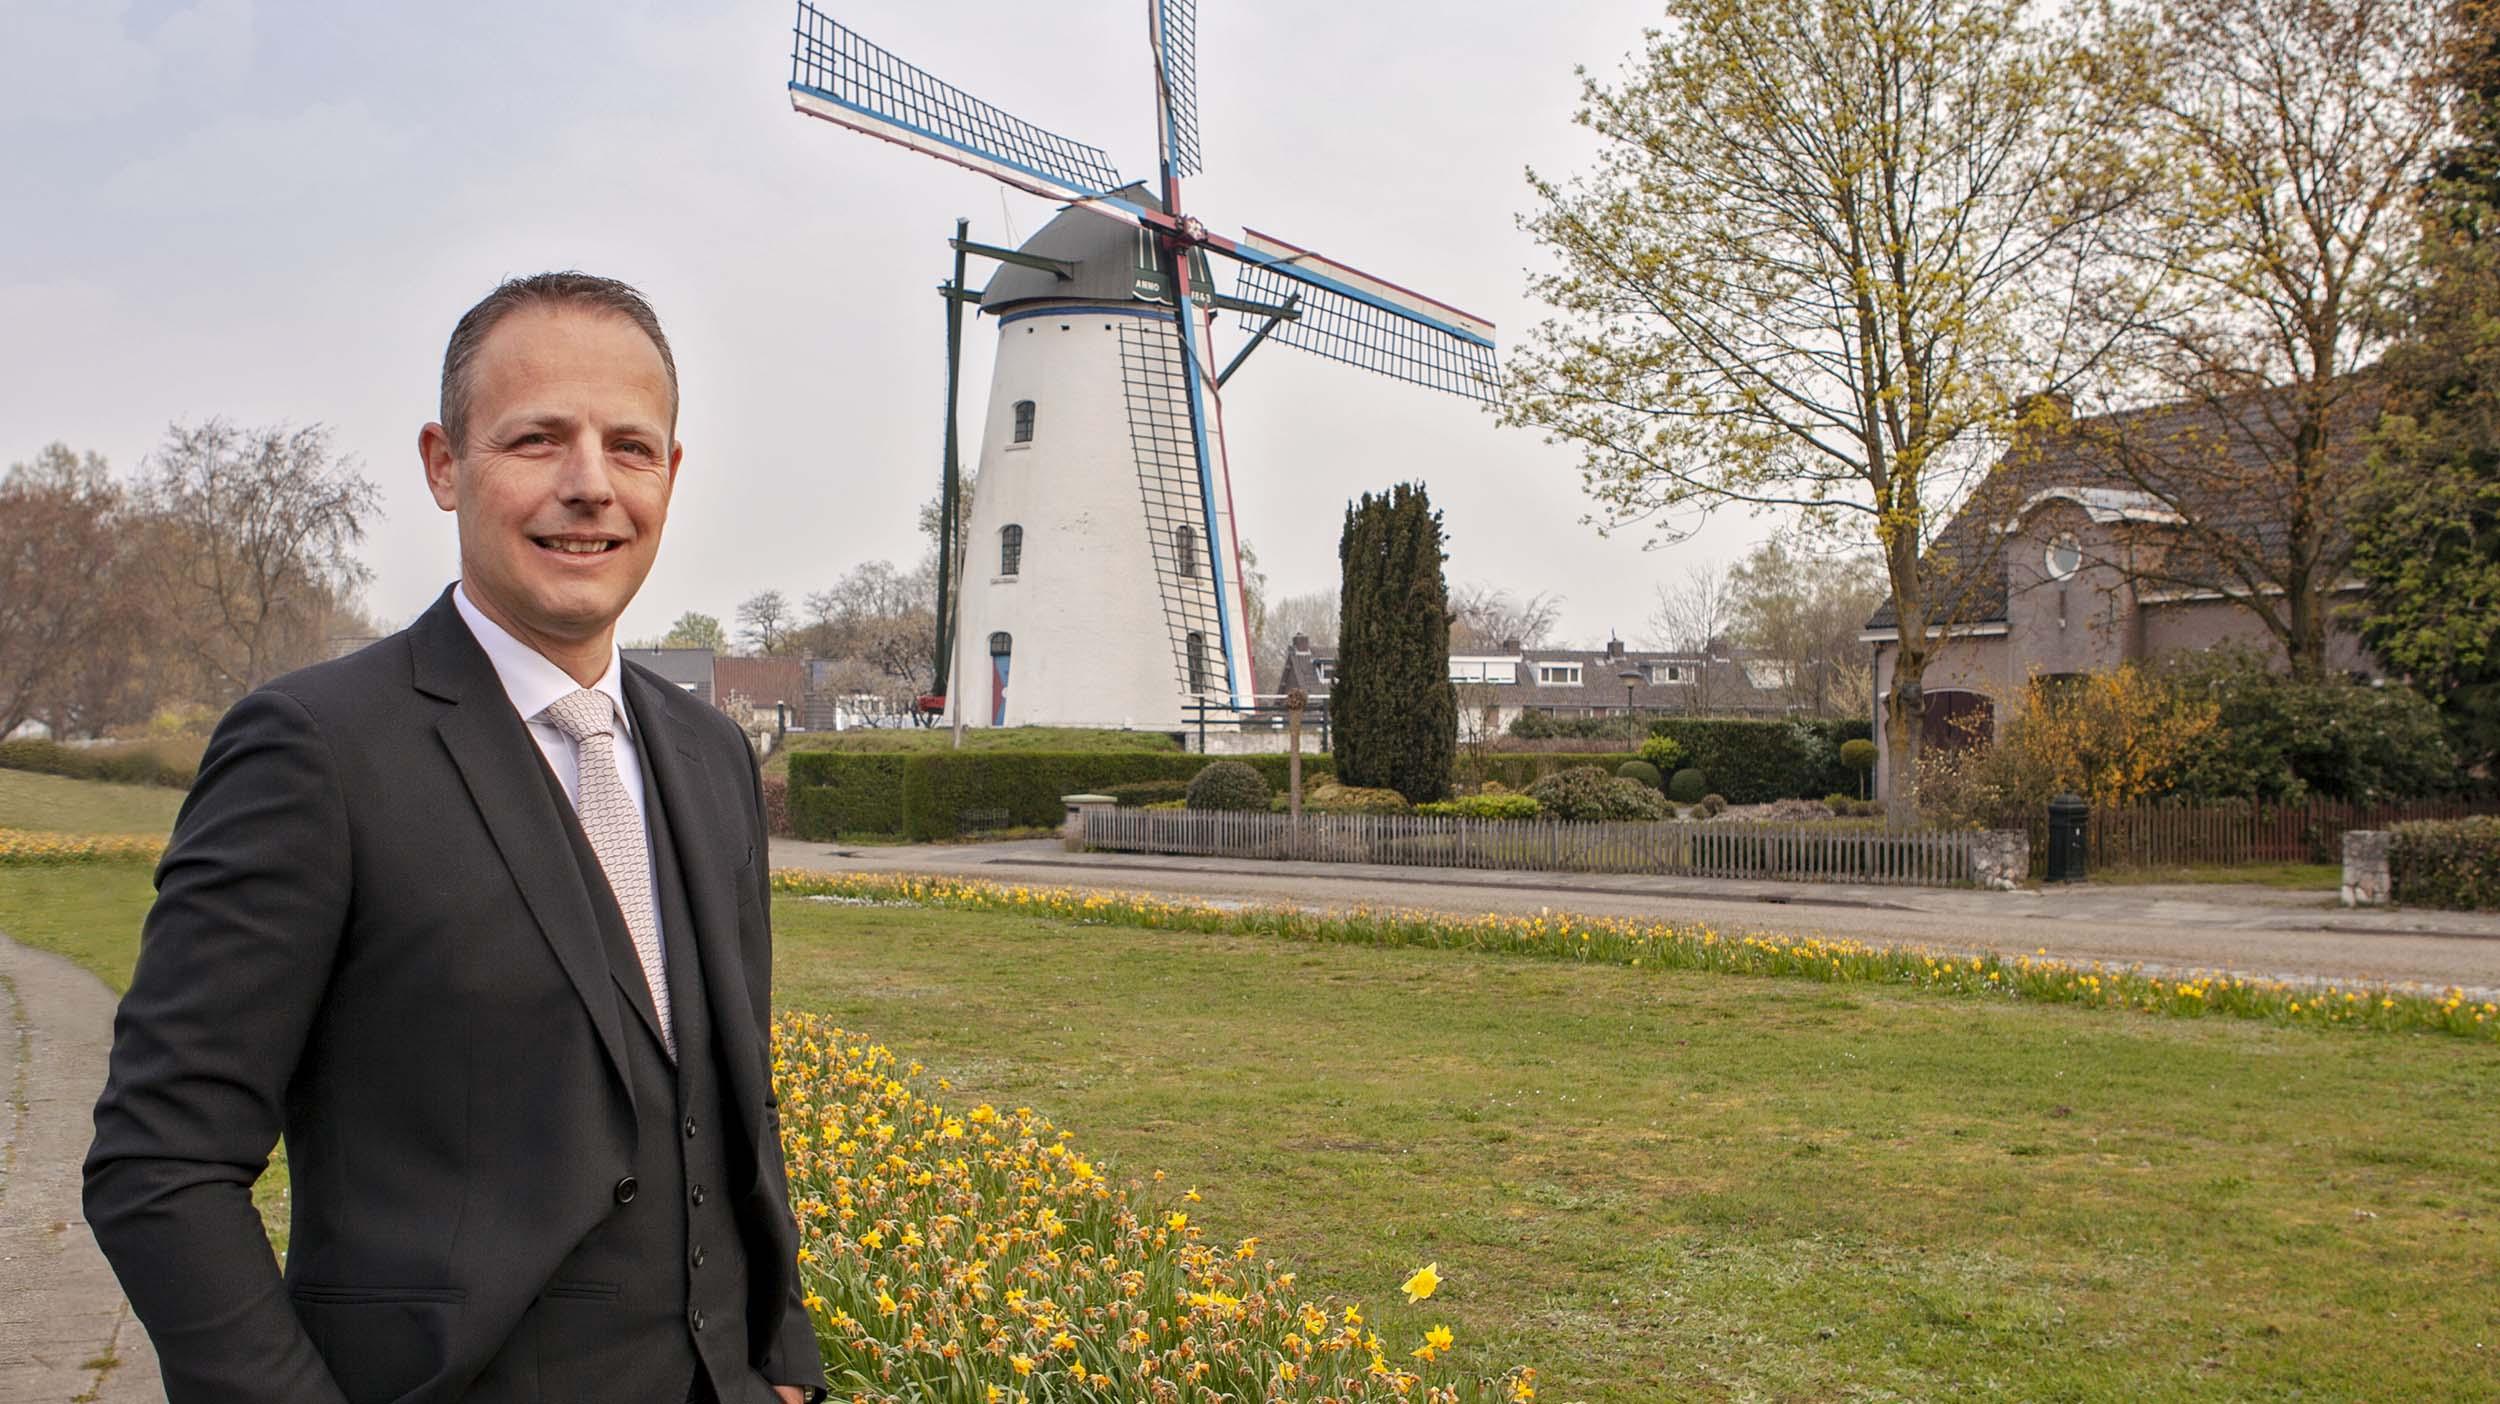 Gaby van de Burght-van Schaijk